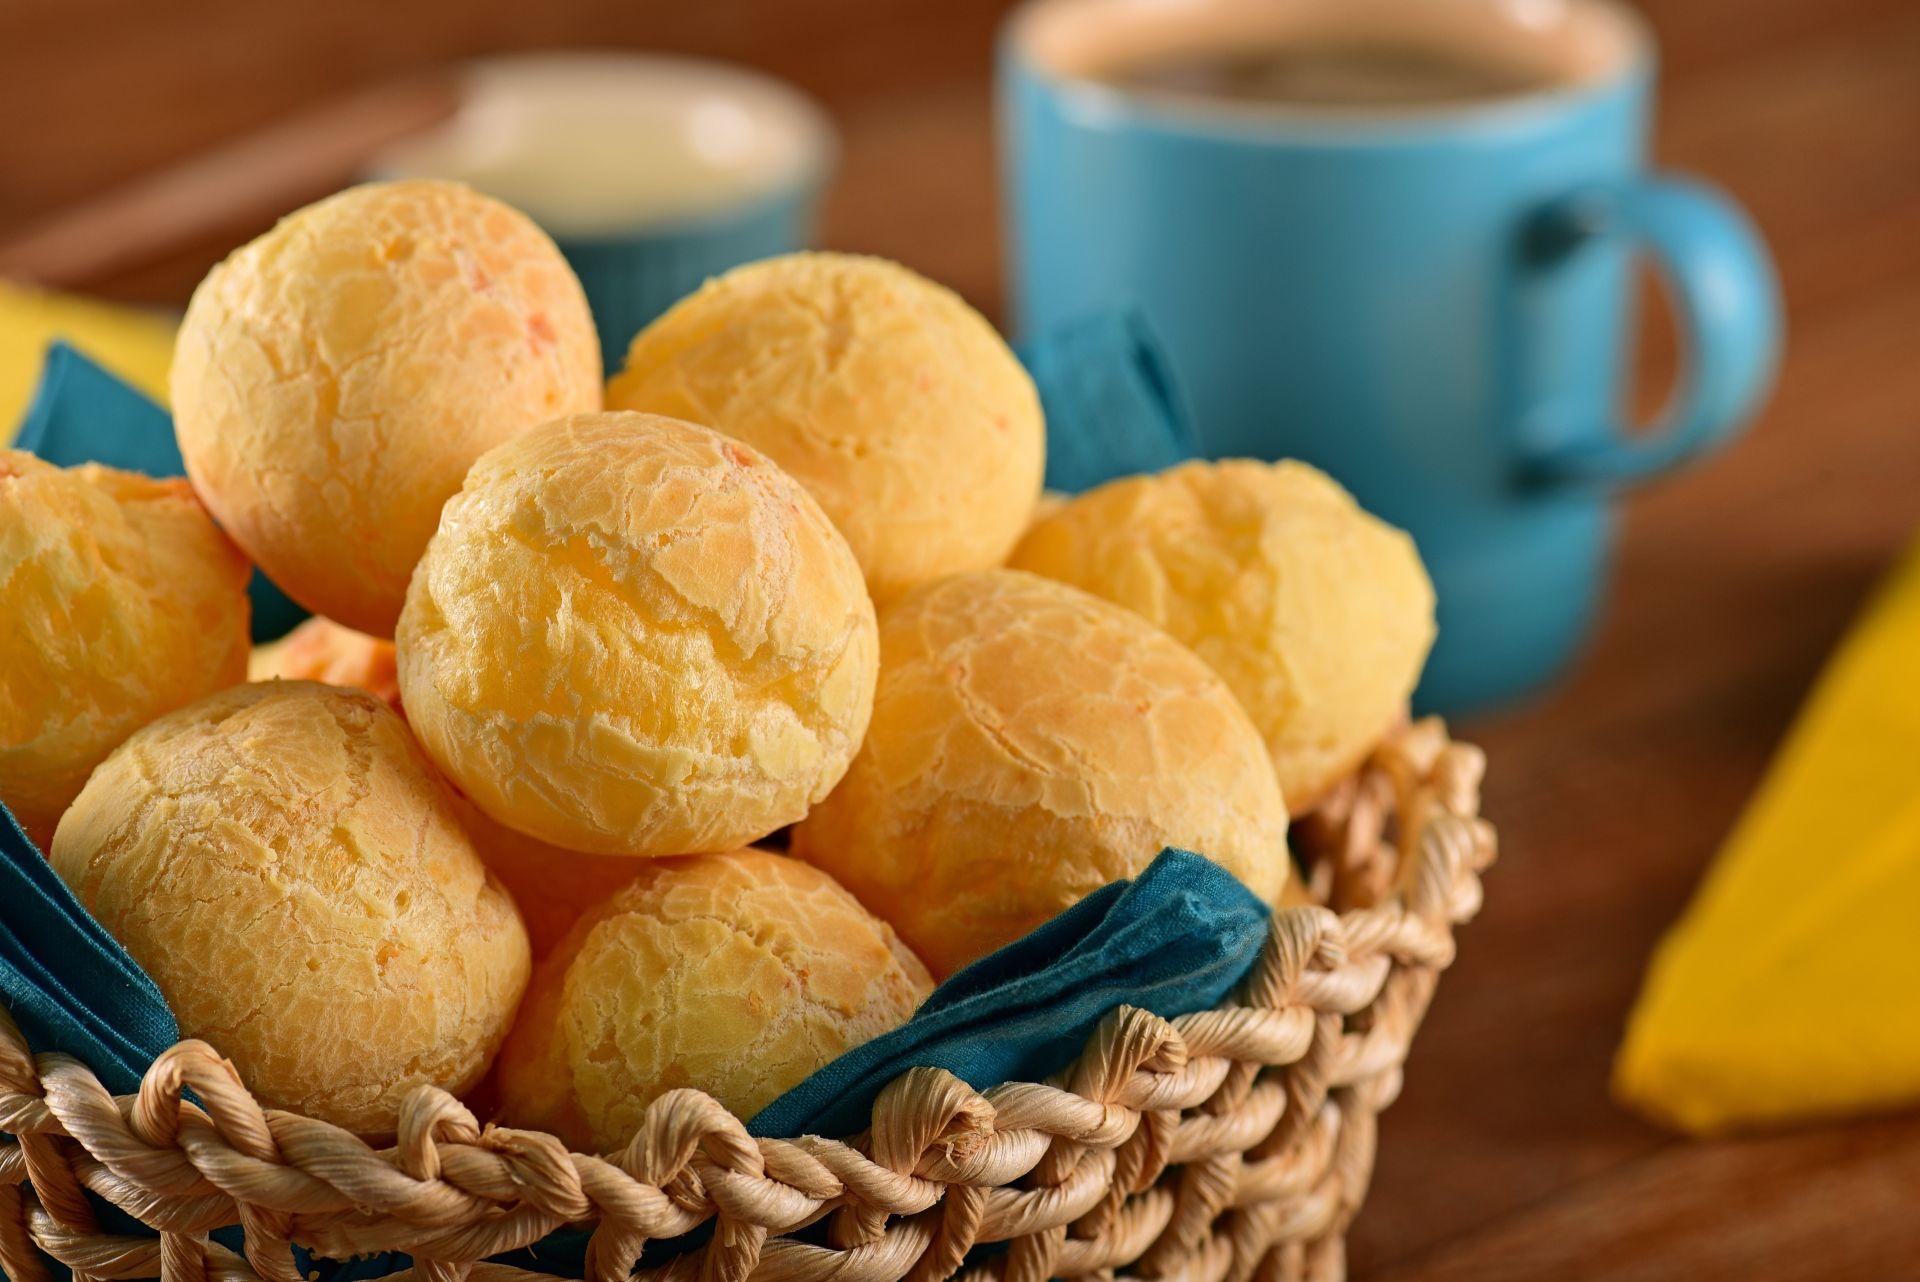 Cesto de vime com pães de queijo na frente de uma caneca de café